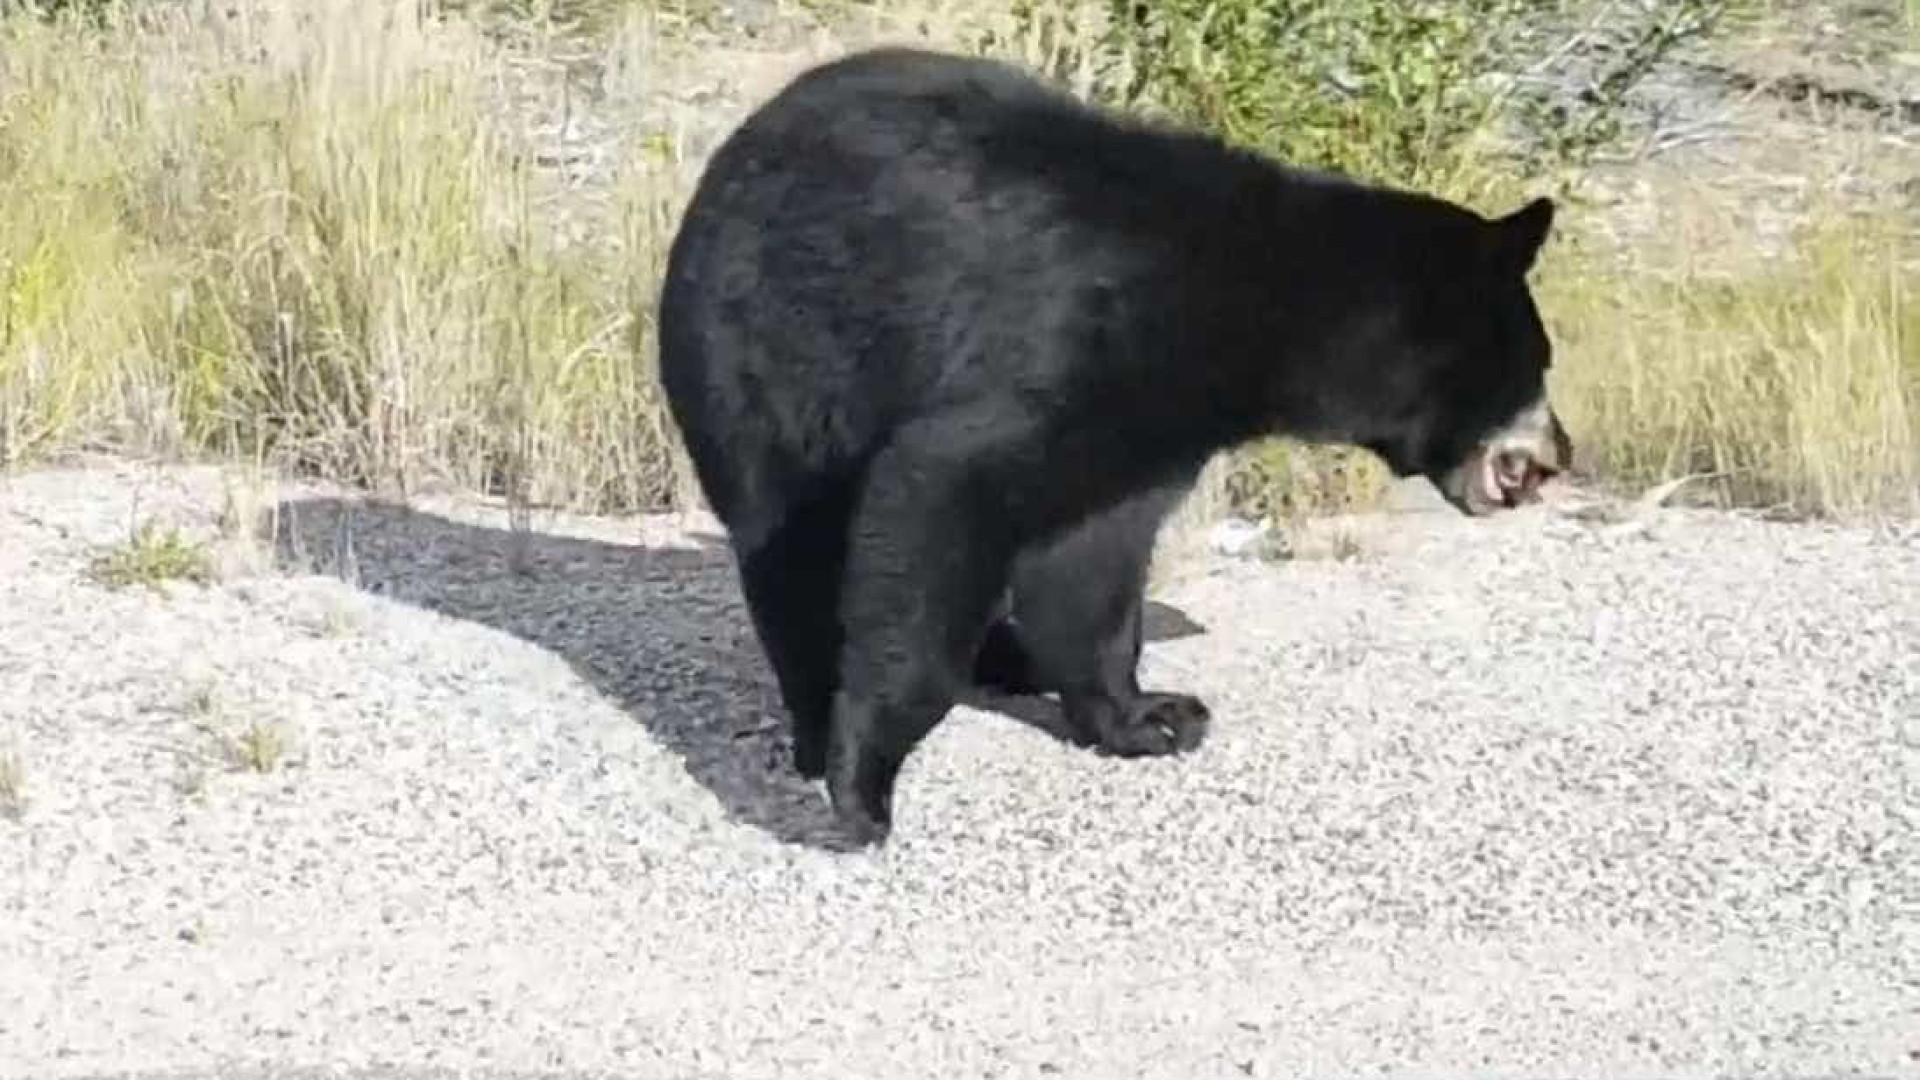 Jovens param carro para alimentar urso em estrada no Canadá